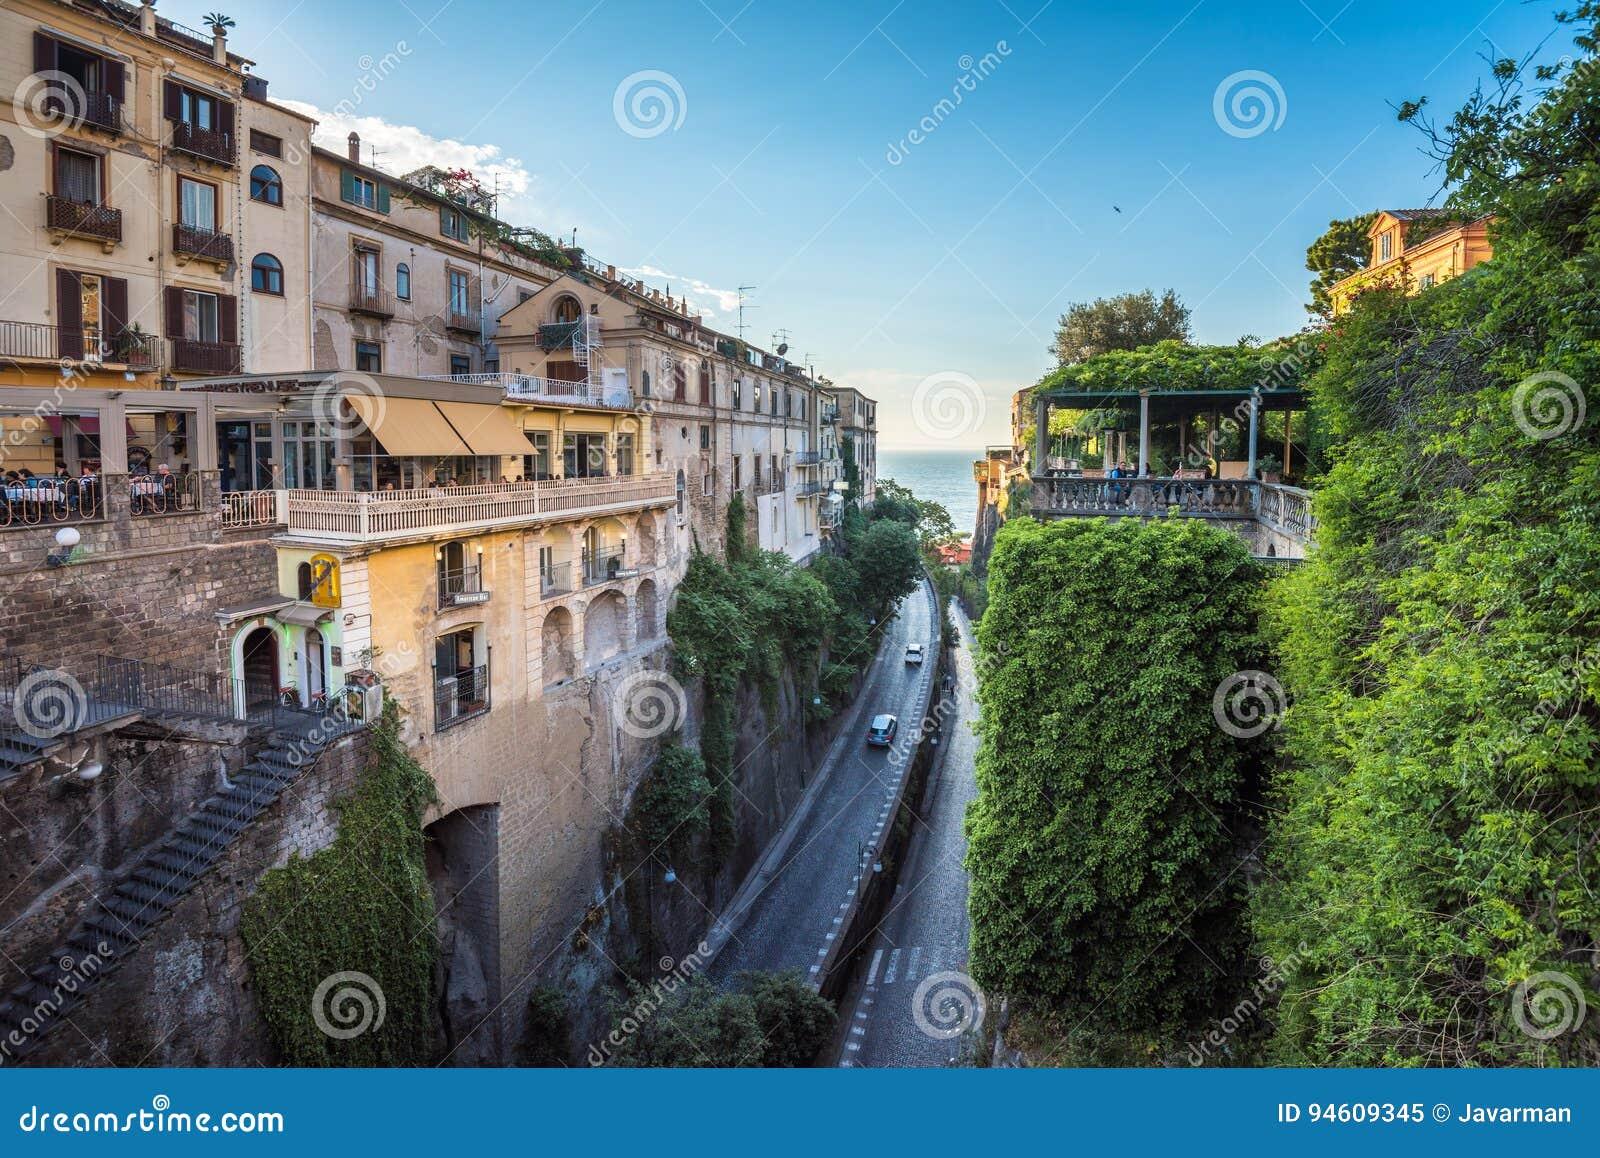 Stunning Soggiorno A Sorrento Pictures - Design Trends 2017 ...